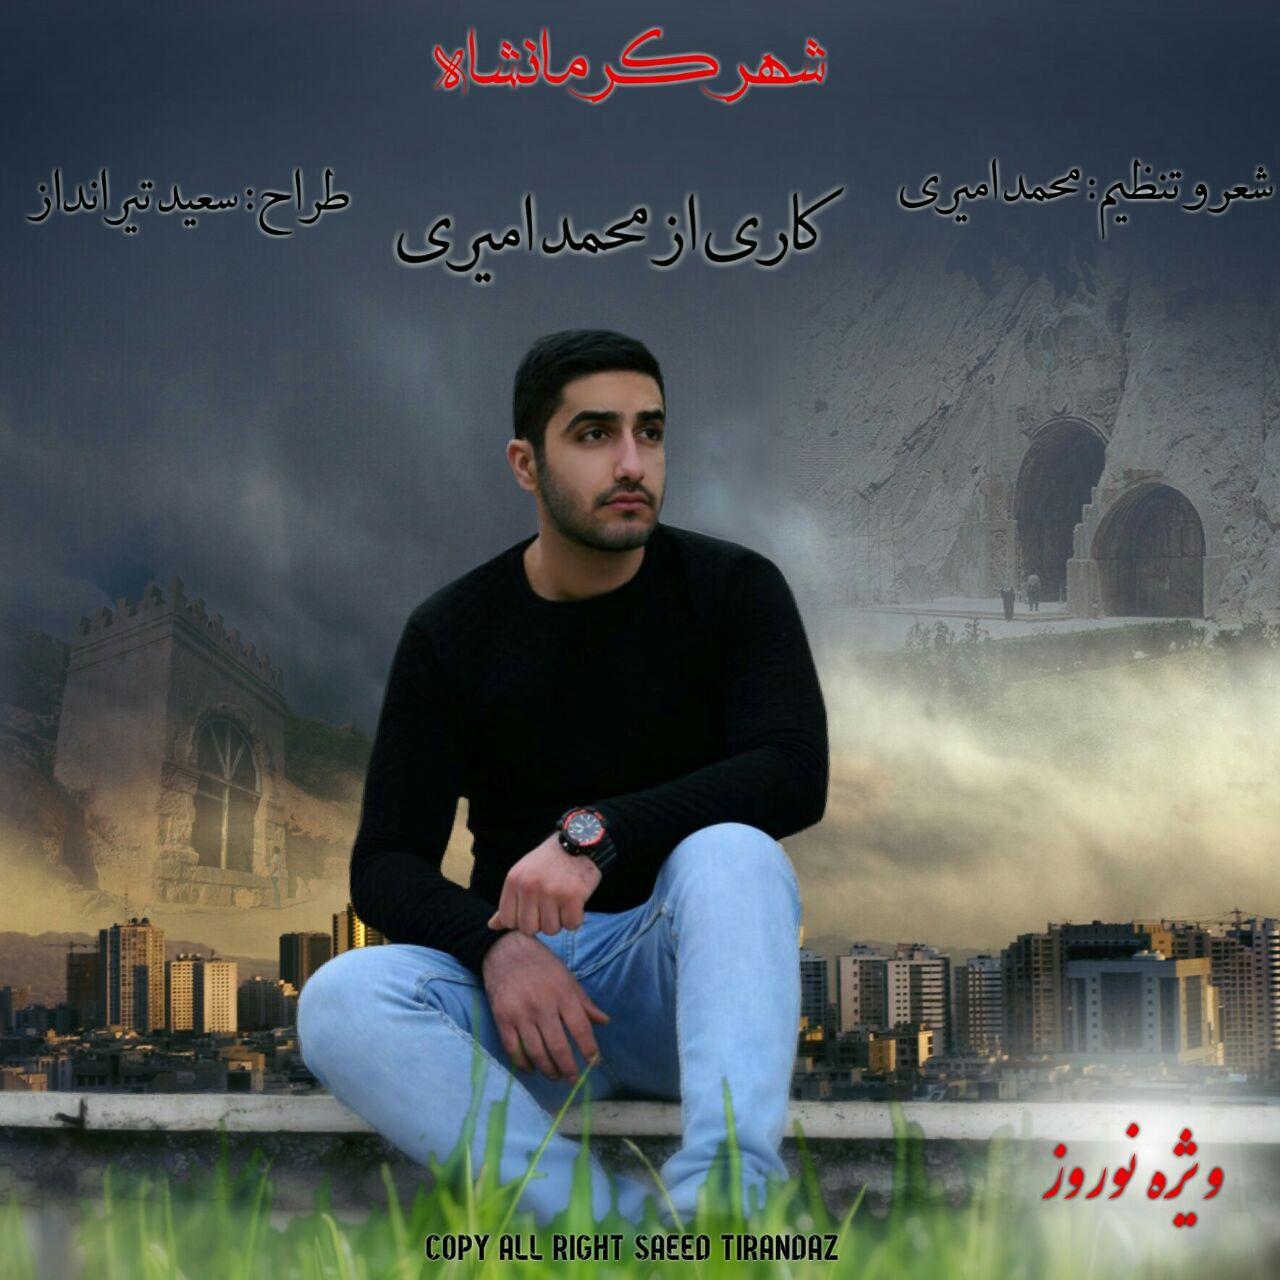 دانلود آهنگ جدید محمد امیری به نام شهر کرمانشاه..